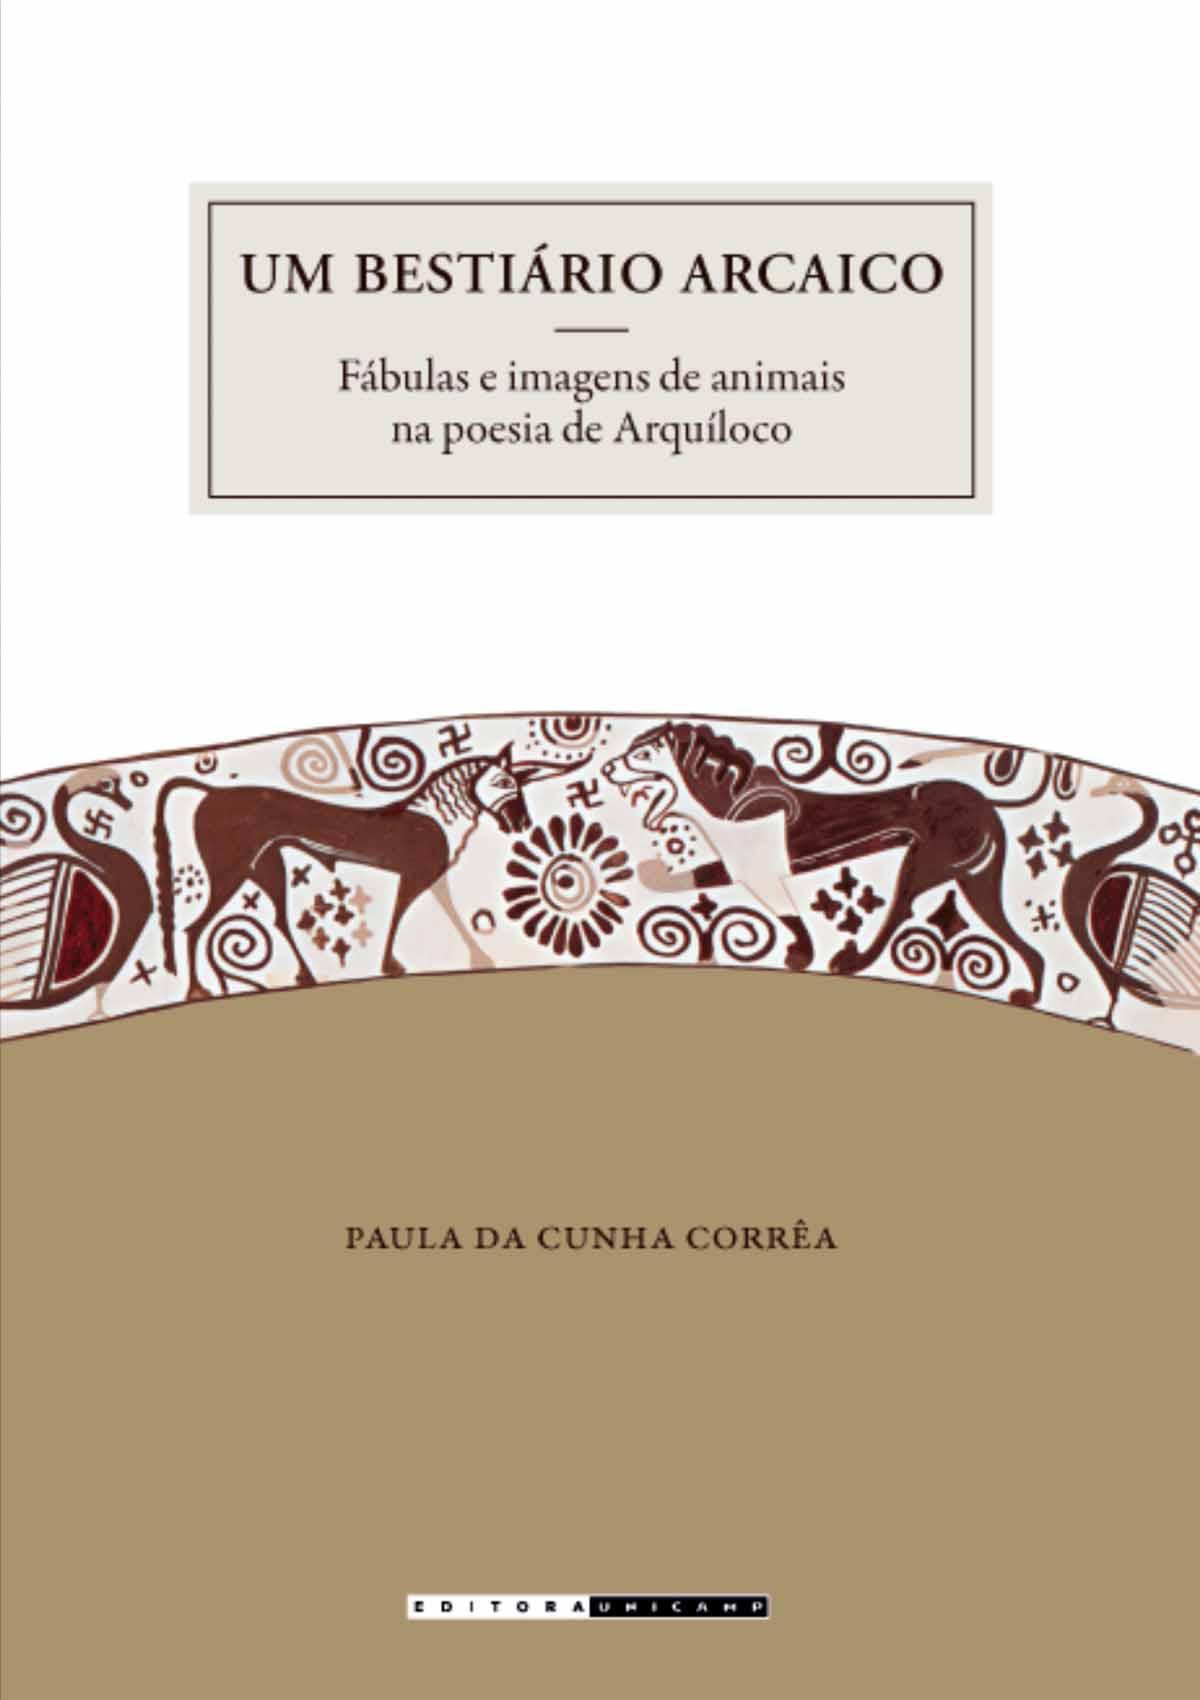 Um bestiário arcaico - Fábulas e imagens de animais na poesia de Arquíloco, livro de Paula da Cunha Corrêa